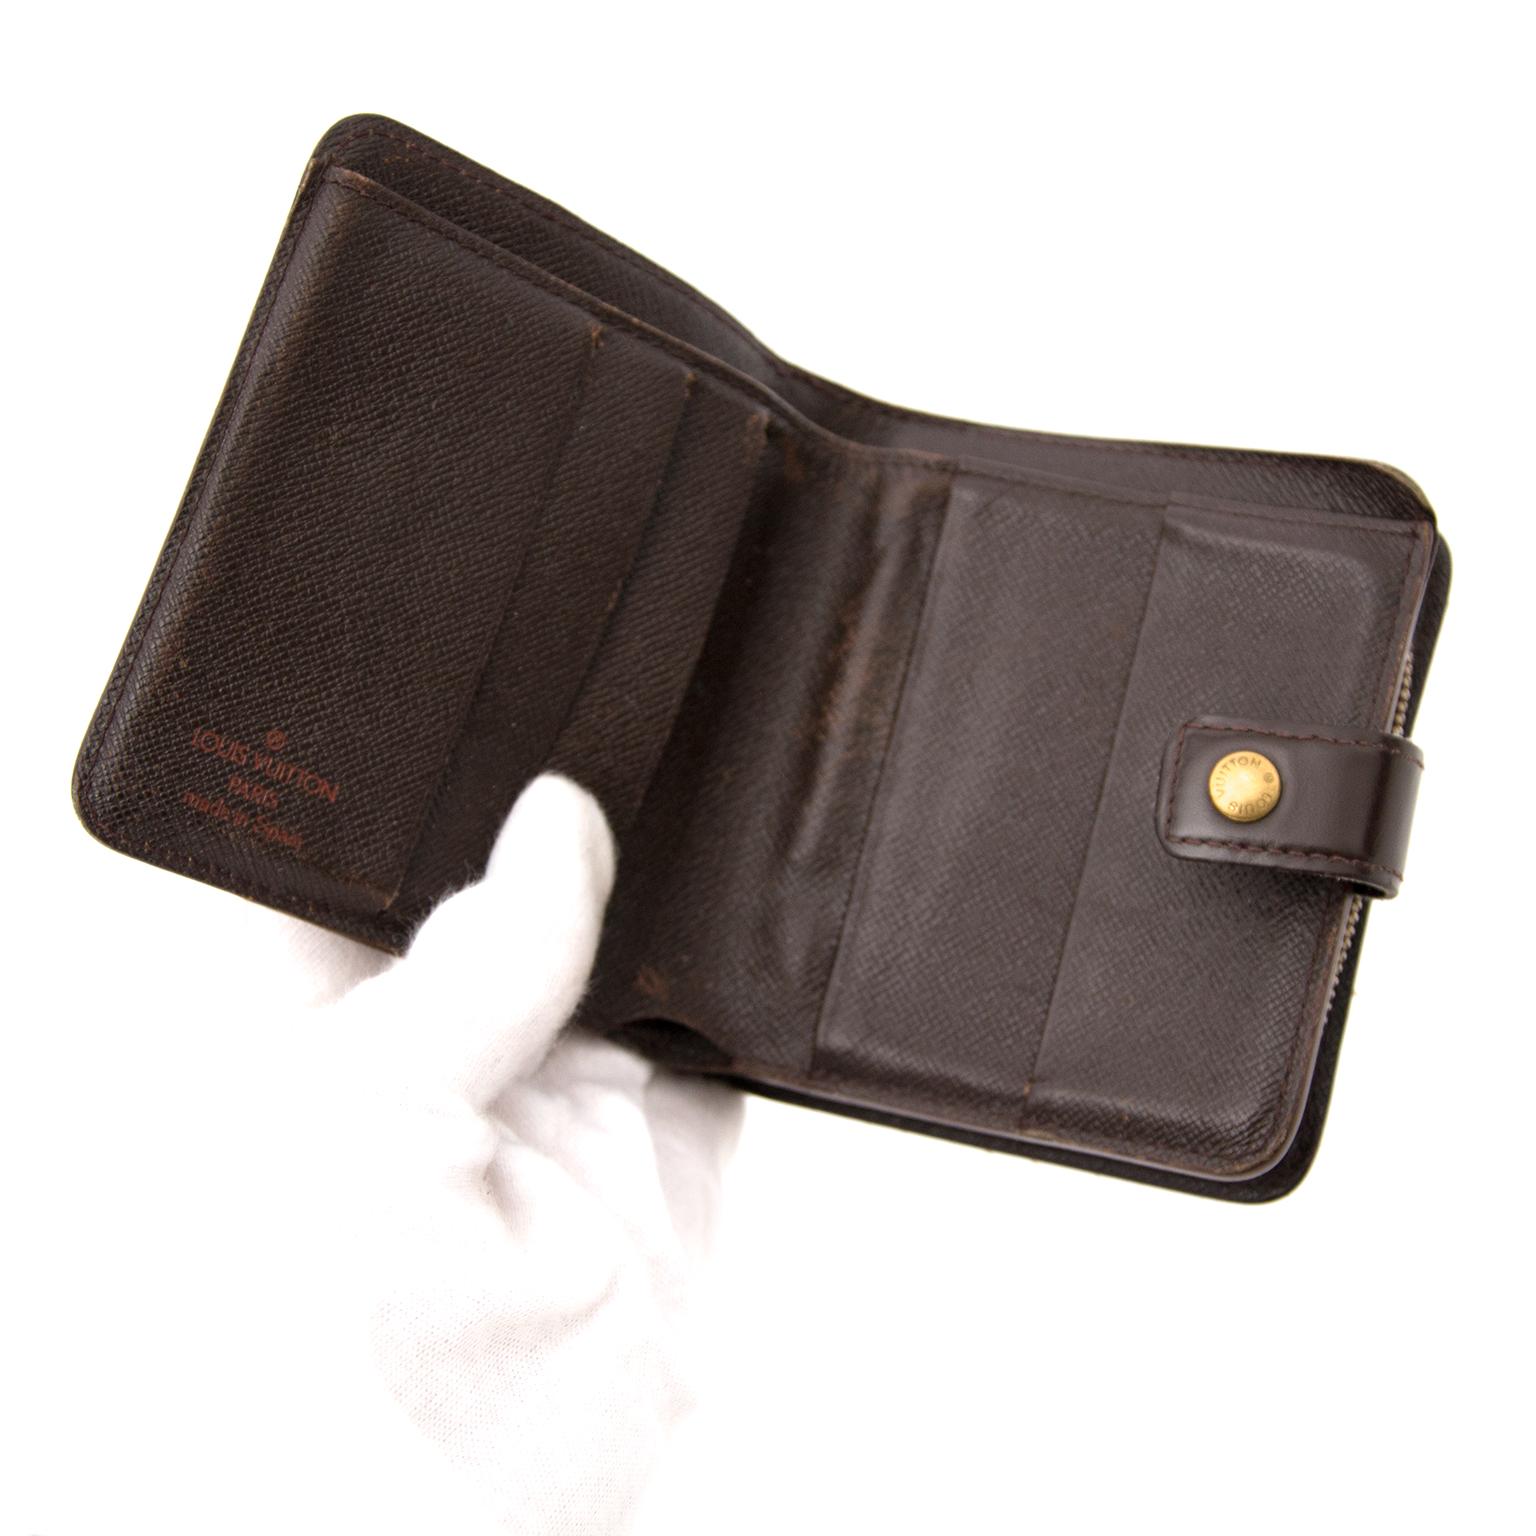 Koop een tweedehands Louis Vuitton Damier Wallet online